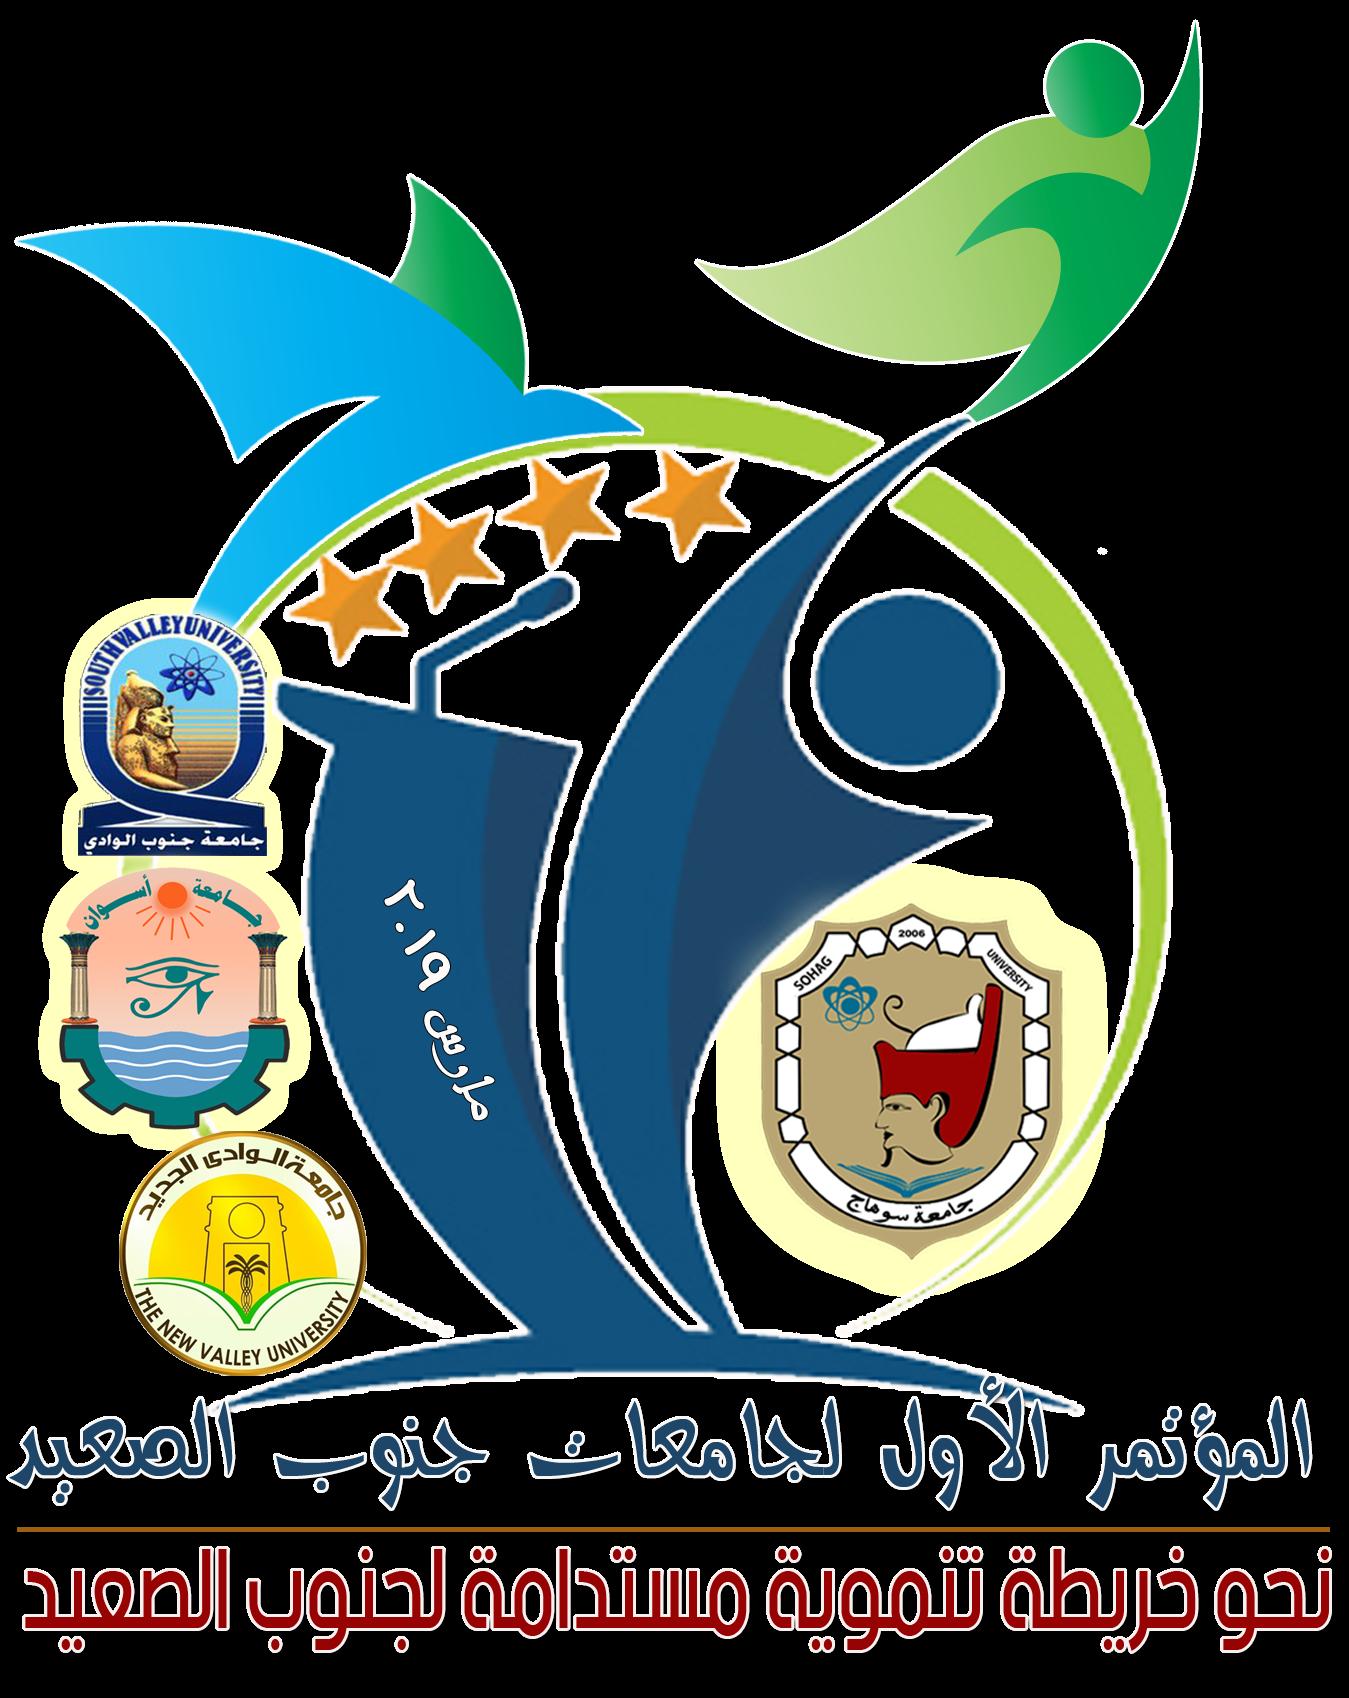 المؤتمر الأول لجامعات جنوب الصعيد